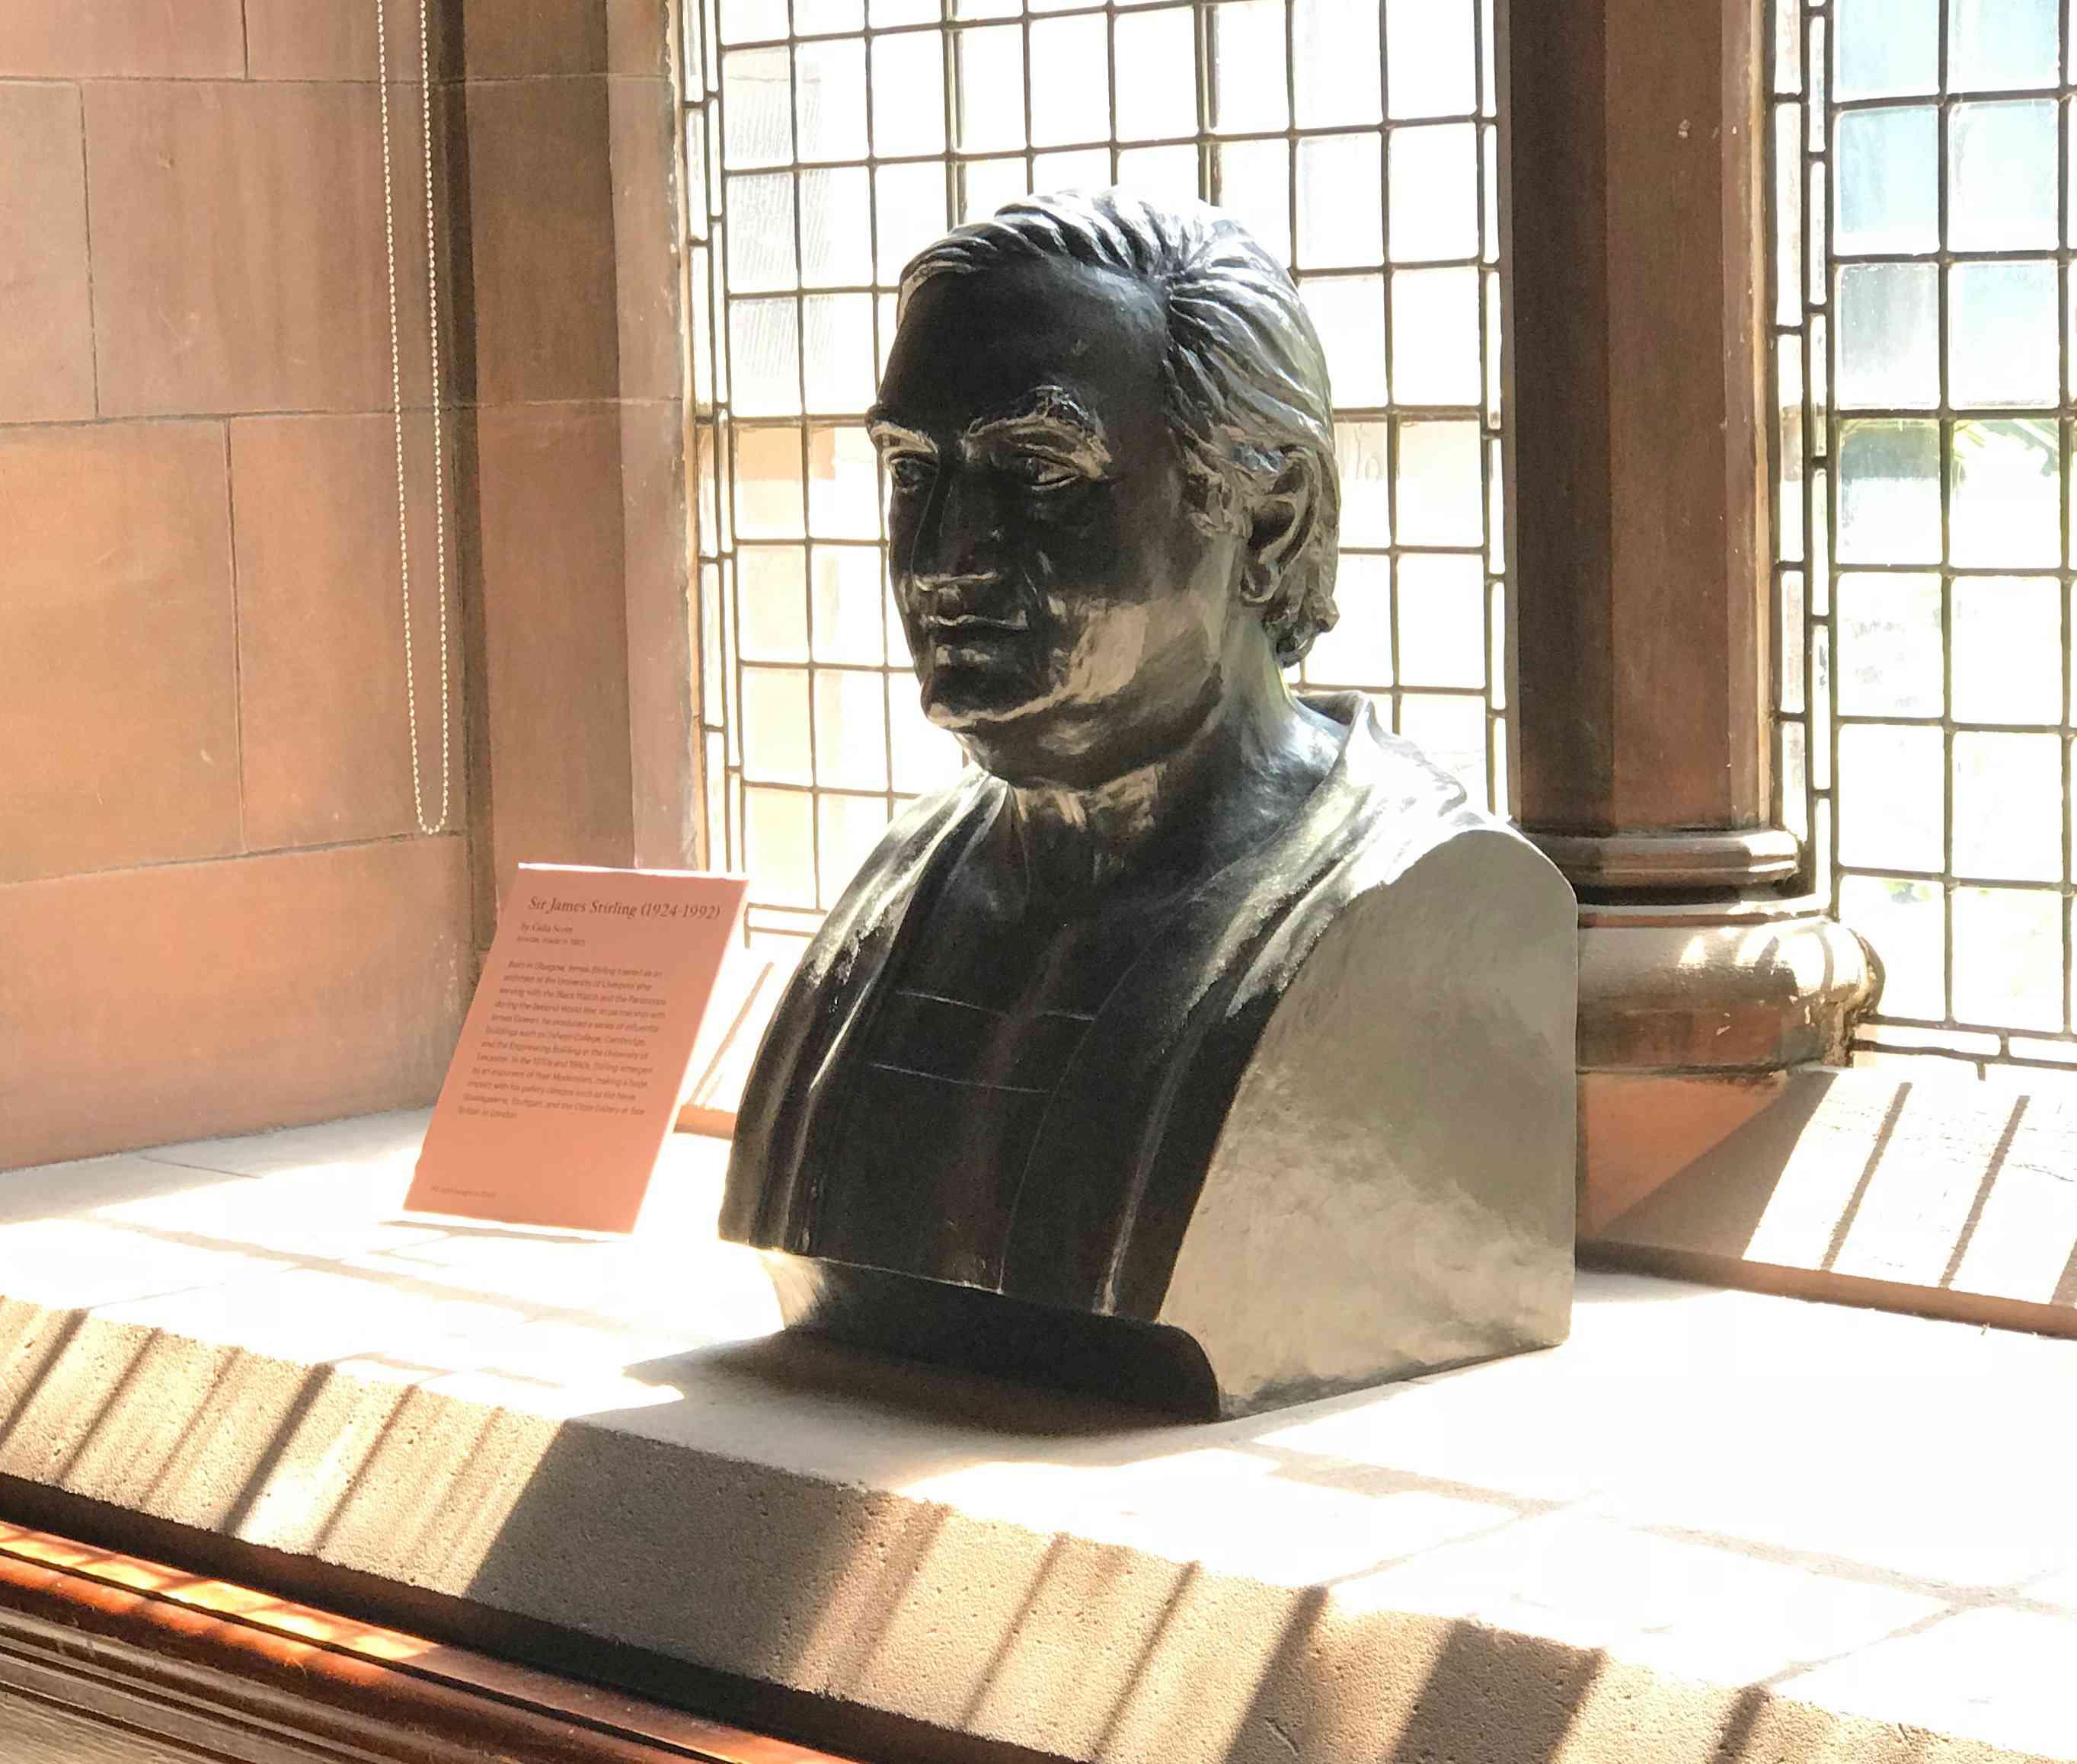 Bust of James Stirling